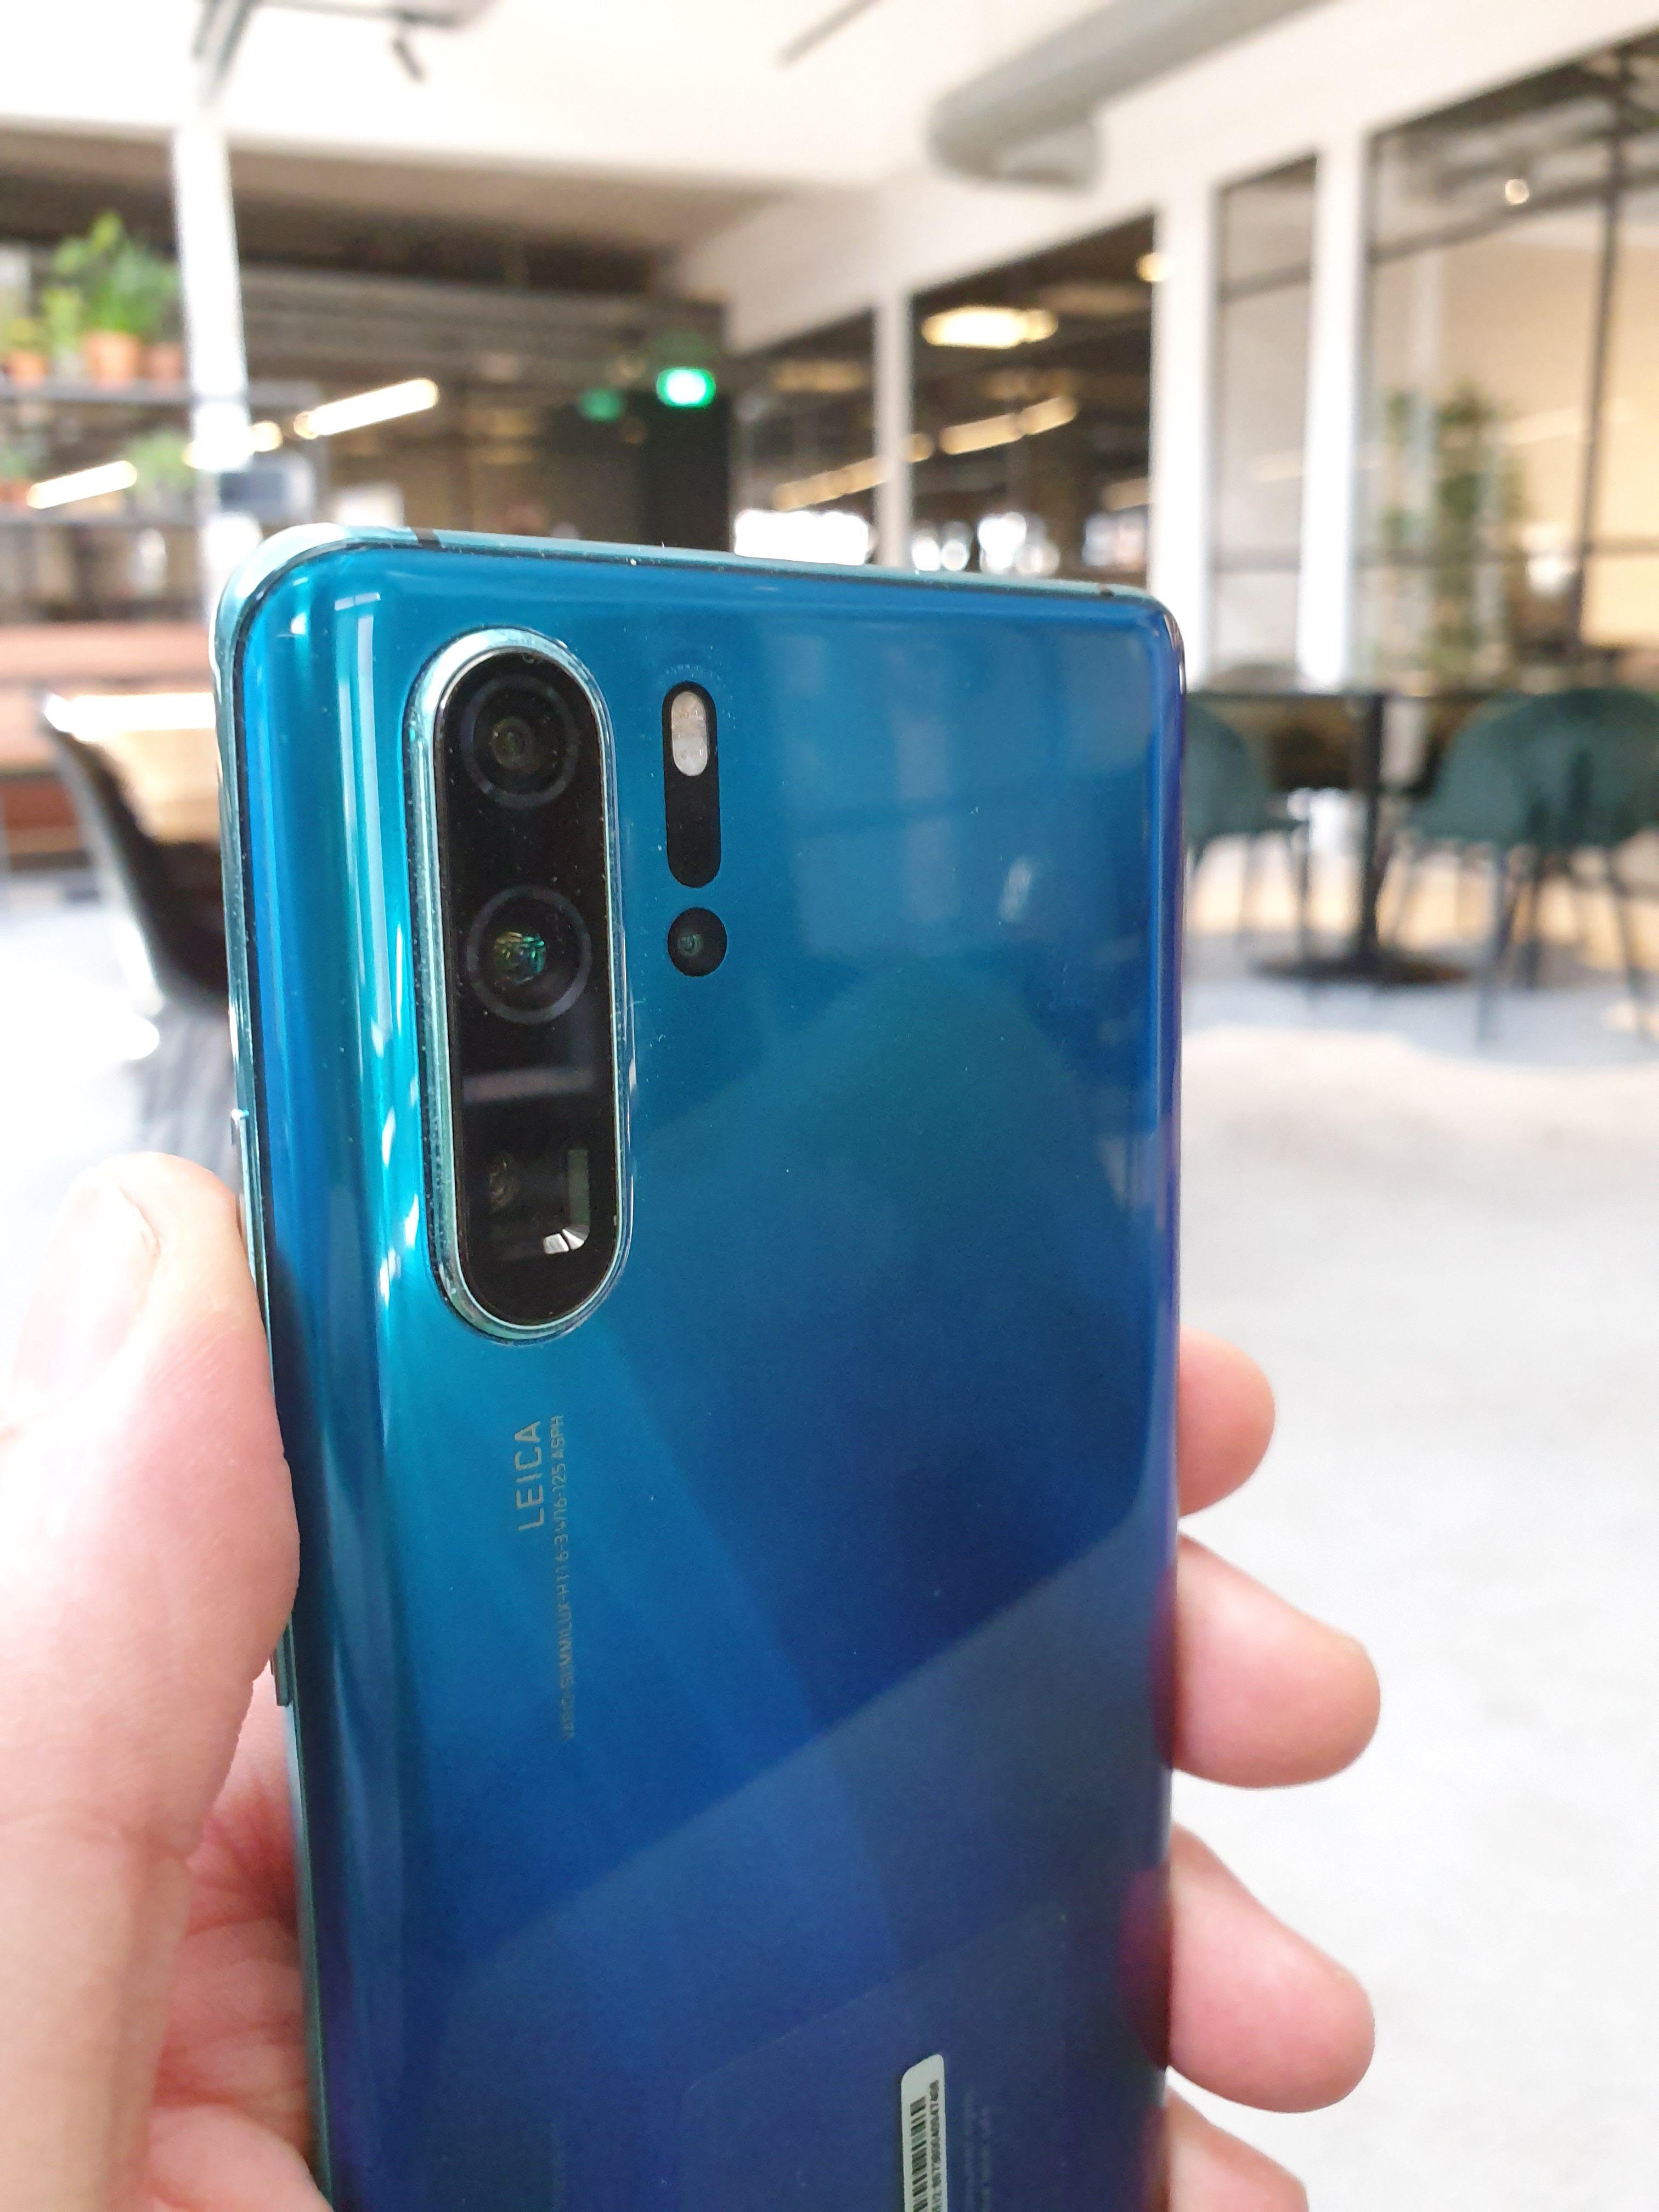 Huawei P30 Pro review